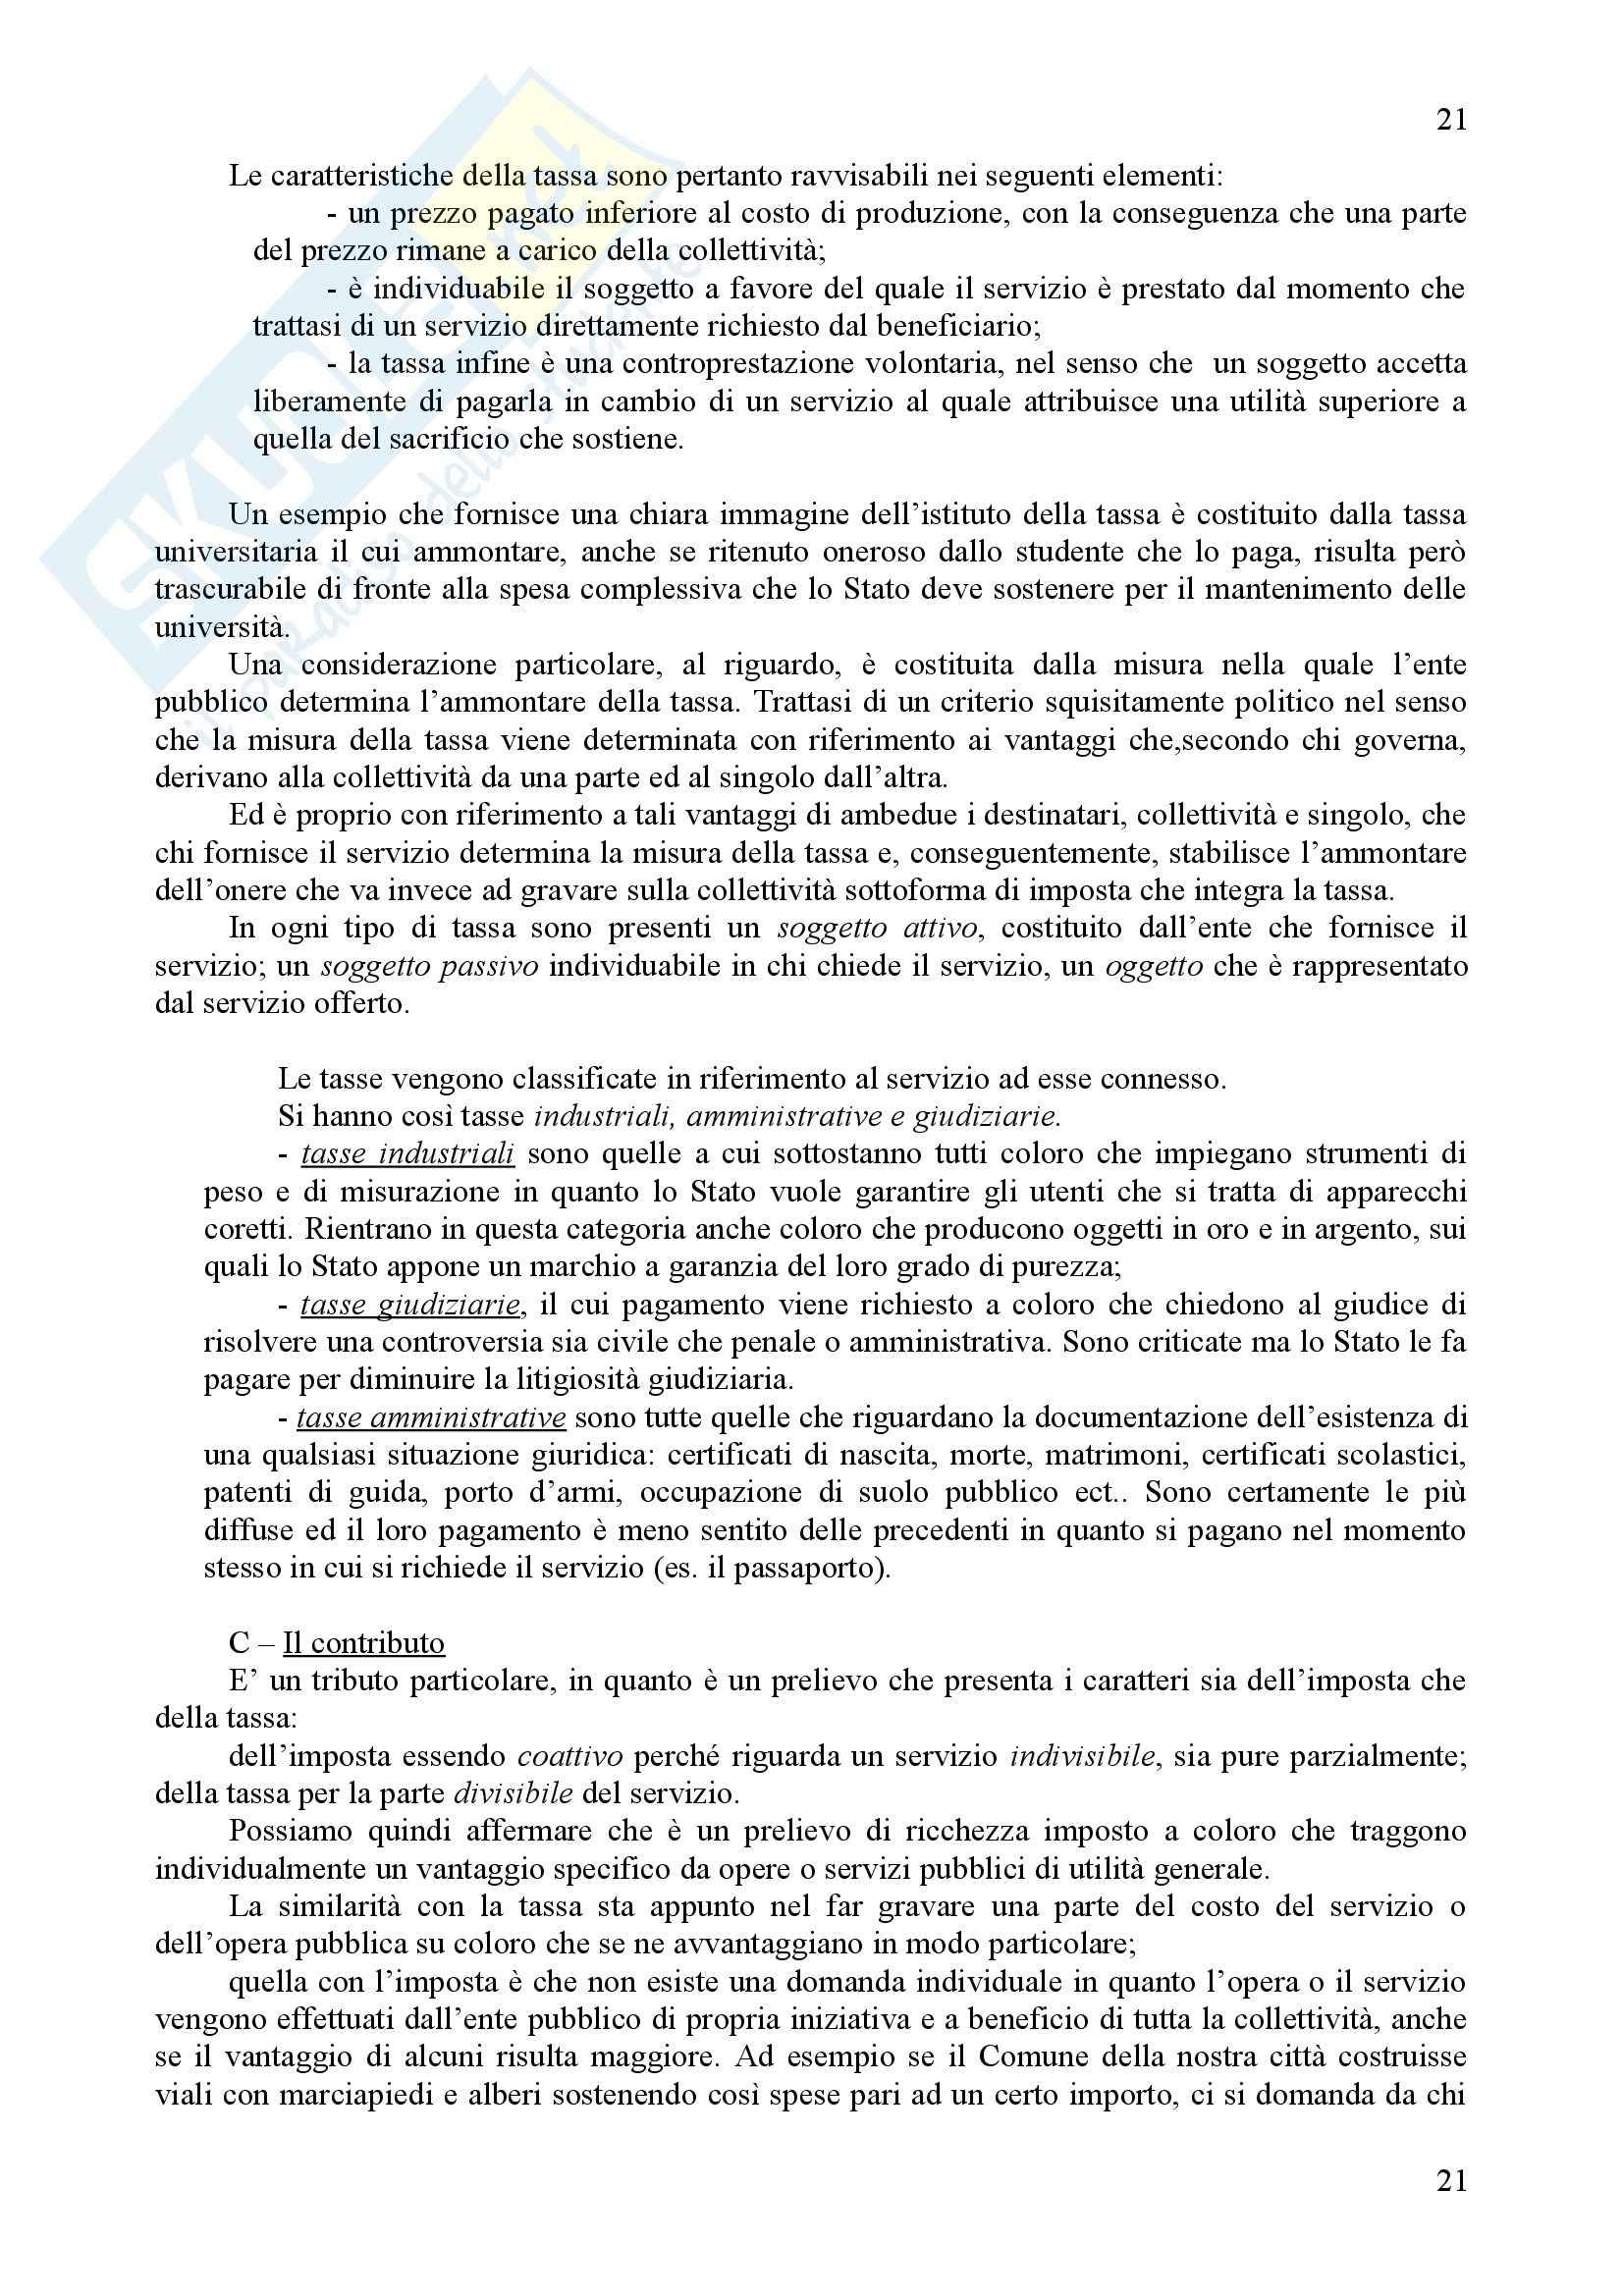 Scienza delle finanze - Riassunto esame, prof. Iannucci Pag. 21